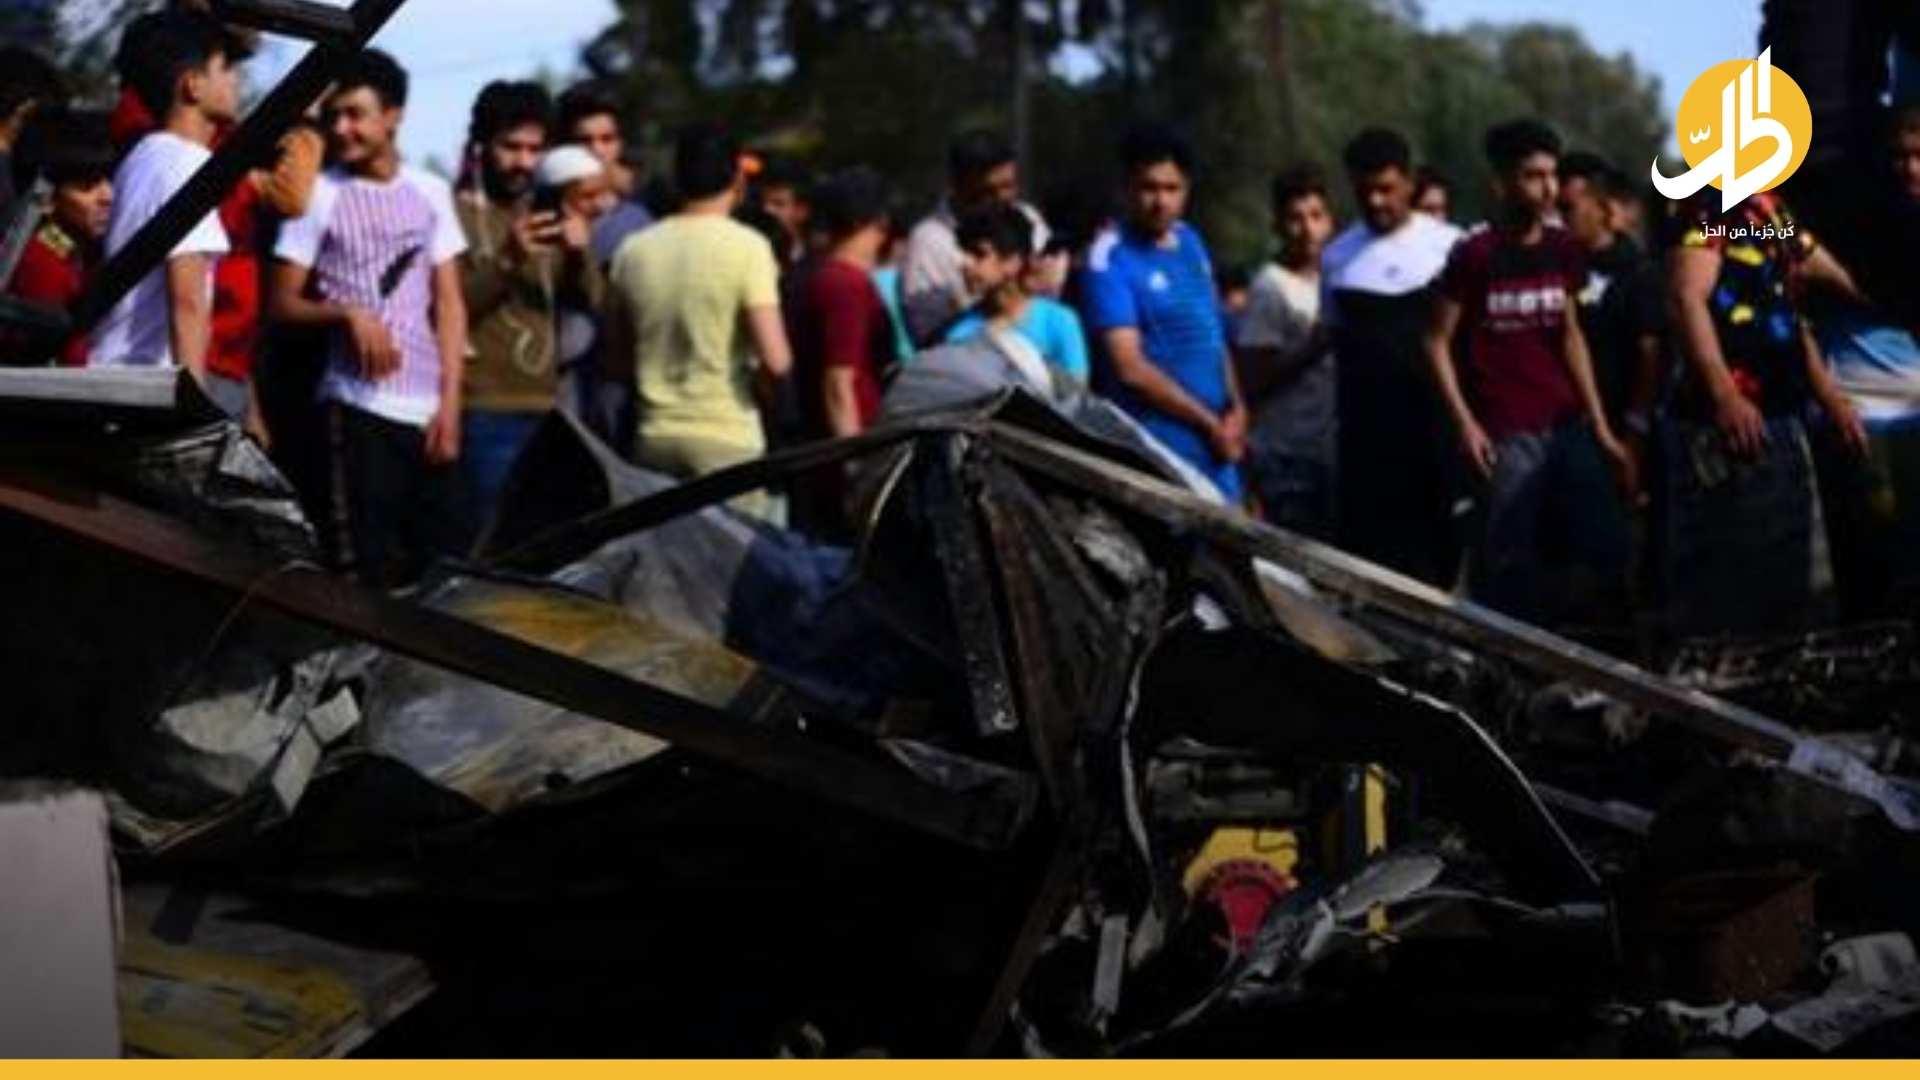 إداناتٌ رسمية لتفجير مدينة الصَدر.. الضحايا أكثر من الرقم المُعلَن!